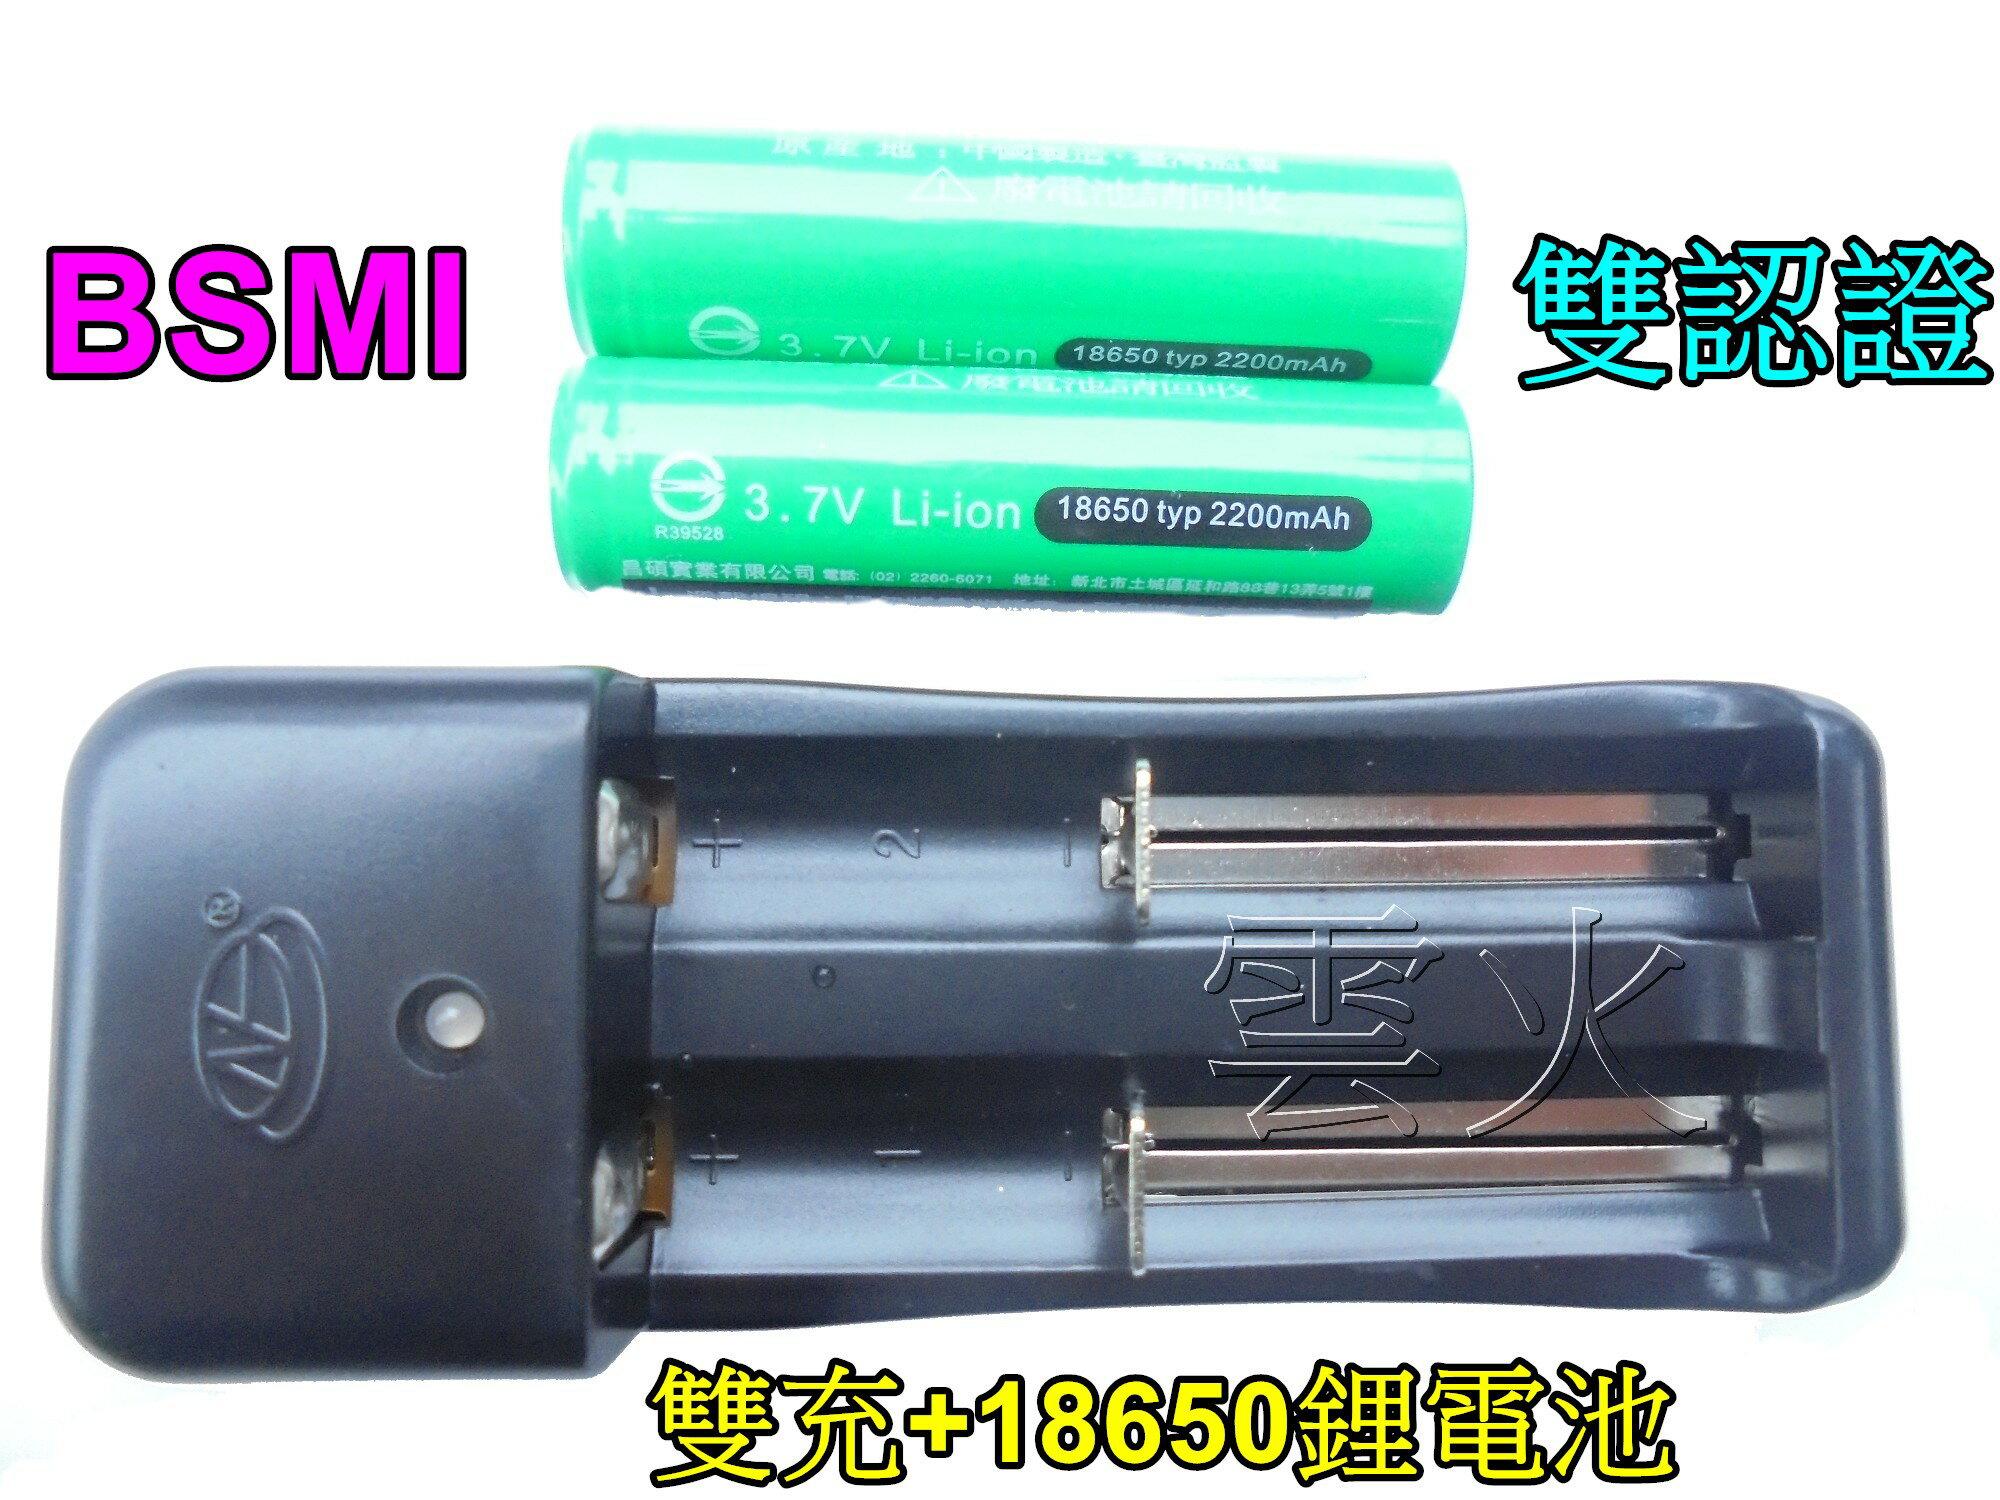 雲火-BSMI合格-(雙認證)18650鋰離子電池加雙槽充電器-電池容量2200mAh,T6L2強光手電筒頭燈專用